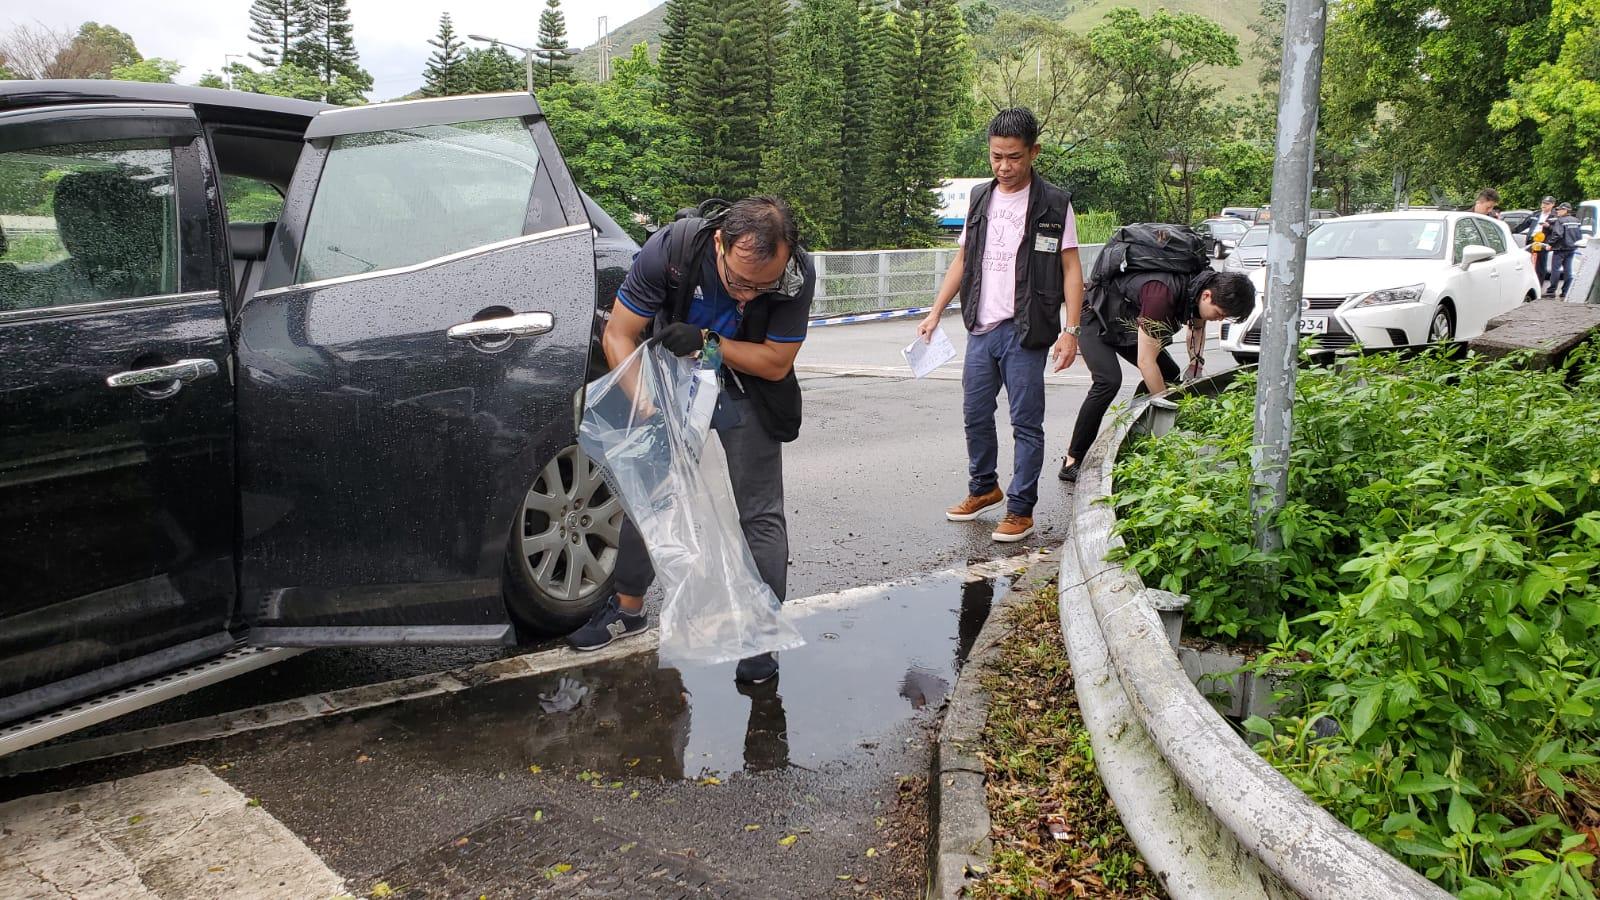 五匪圖劫找換店職員200萬美元 警「Hit team」新田截車拉人